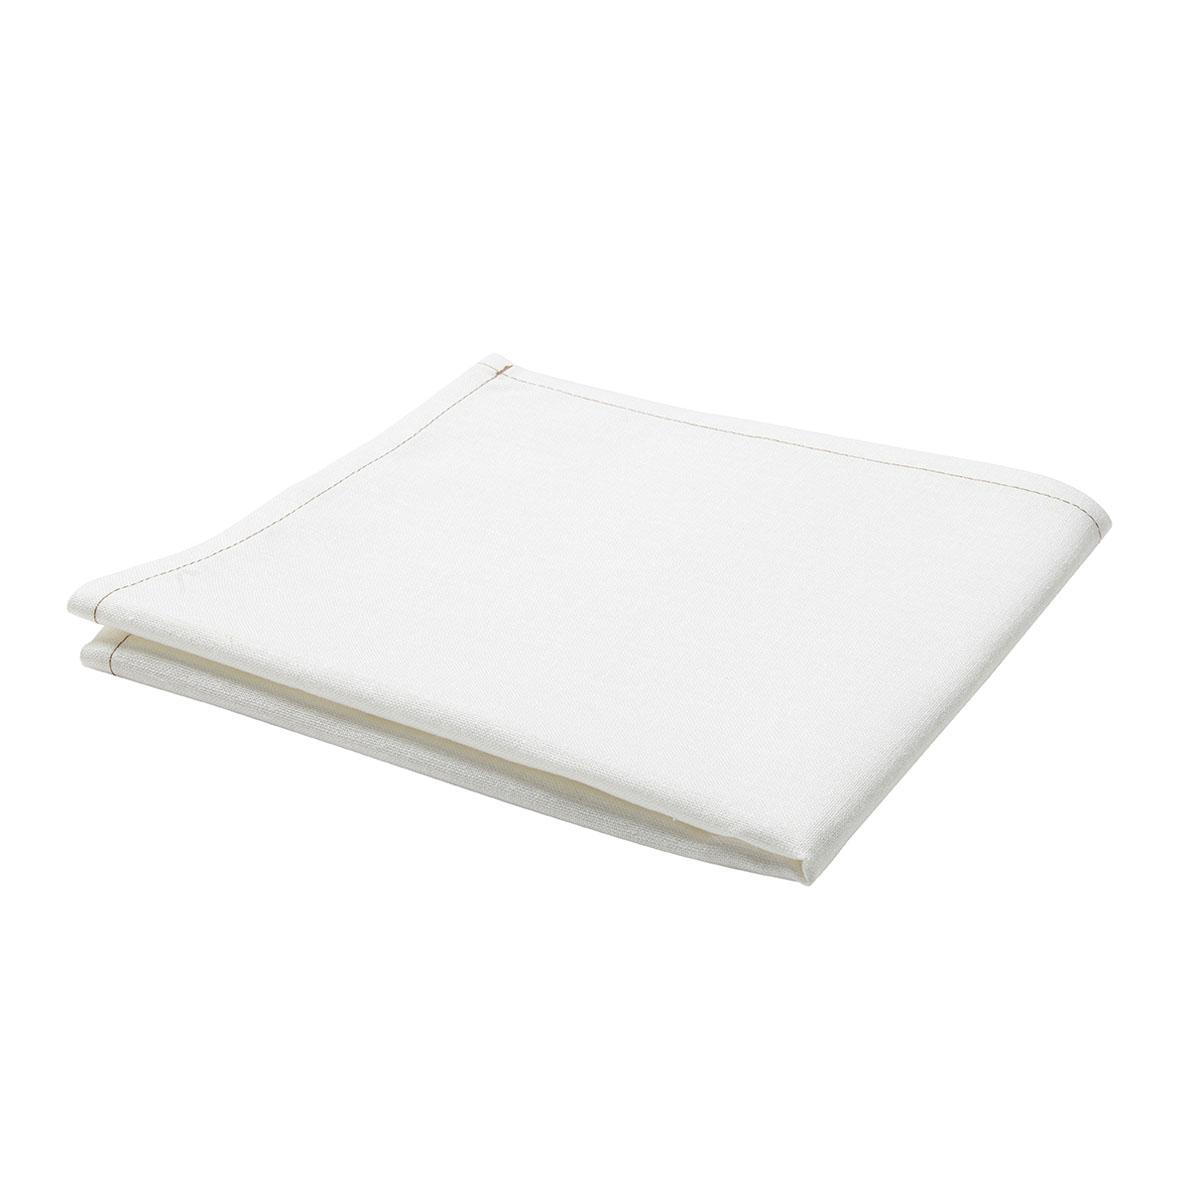 Serviette de table unie en polylin, Meringue 45 x 45 cm